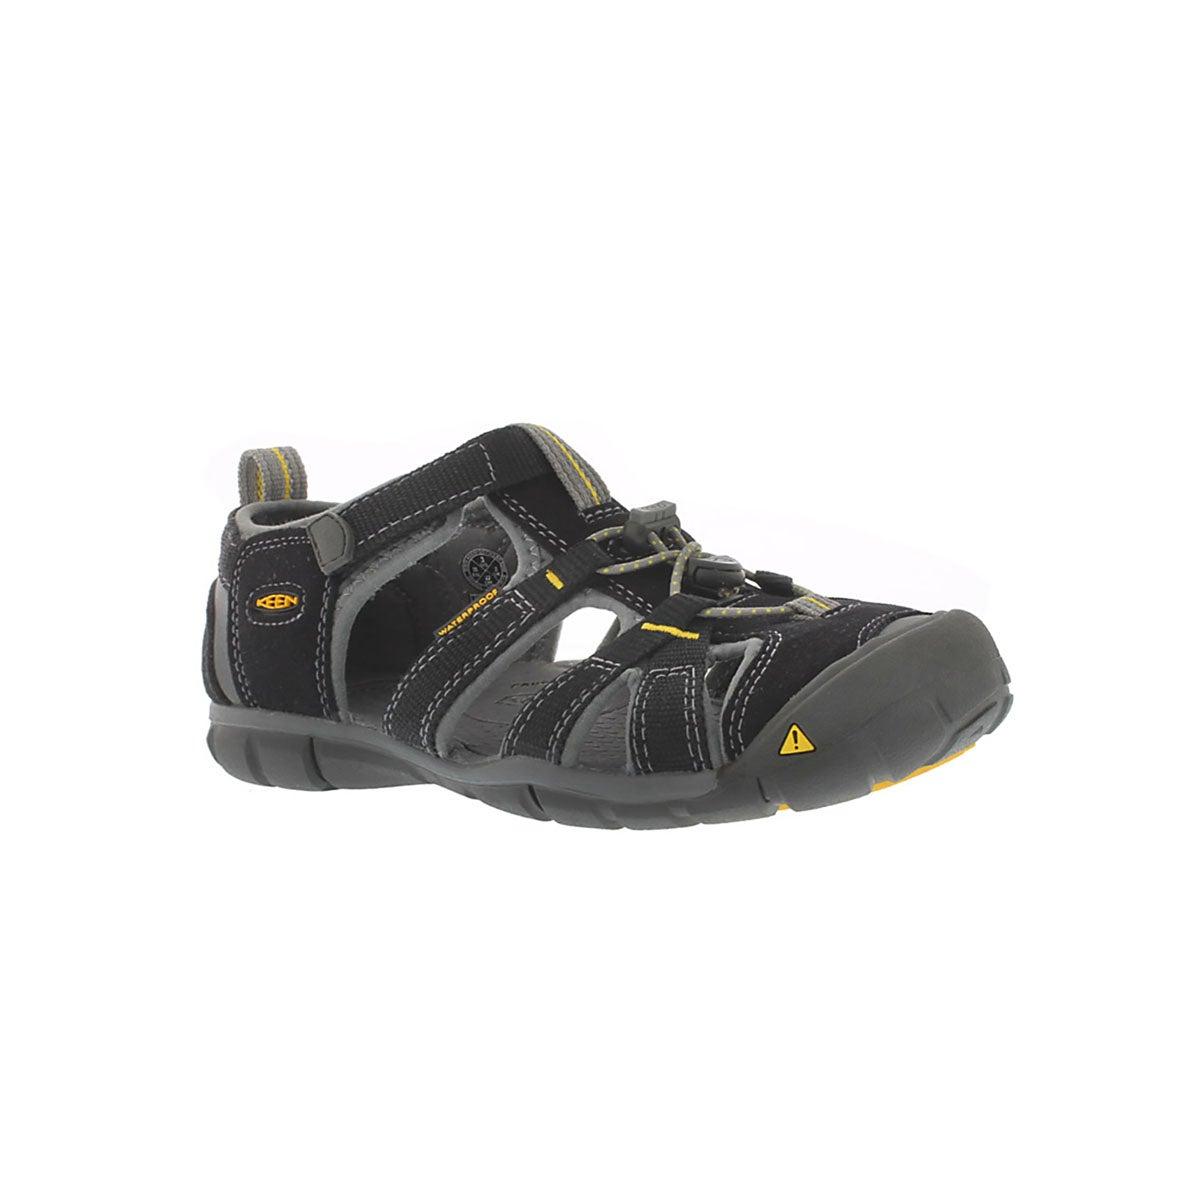 Sandale sport Seacamp II, noir, bébés-g